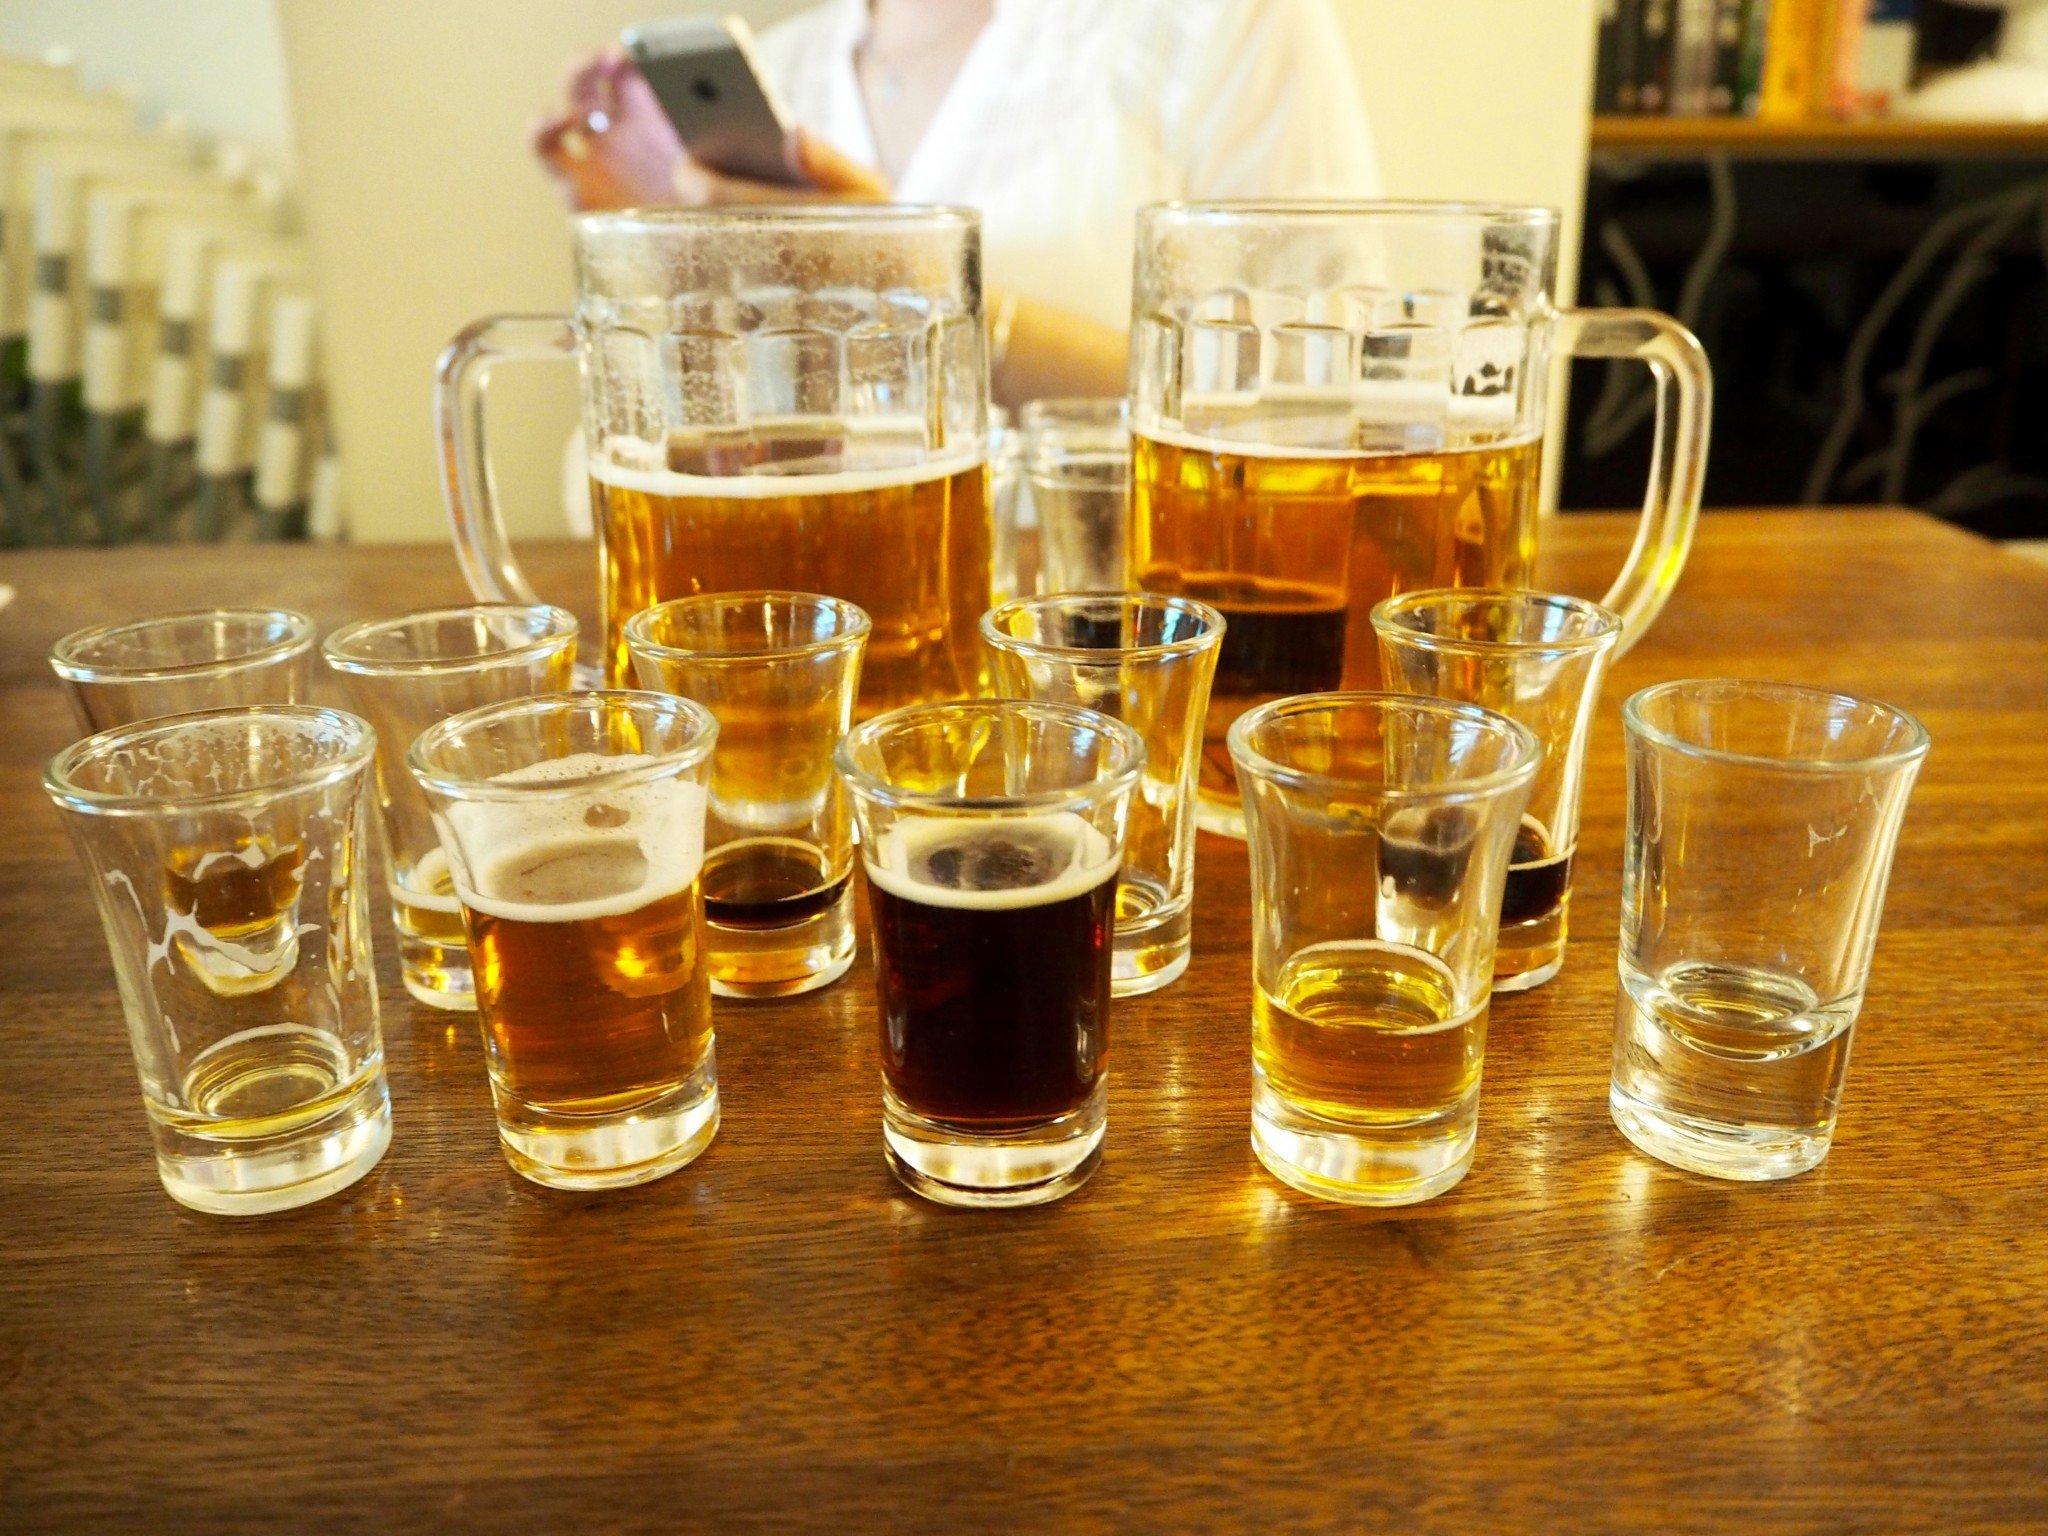 Olutmaistelu Prahassa